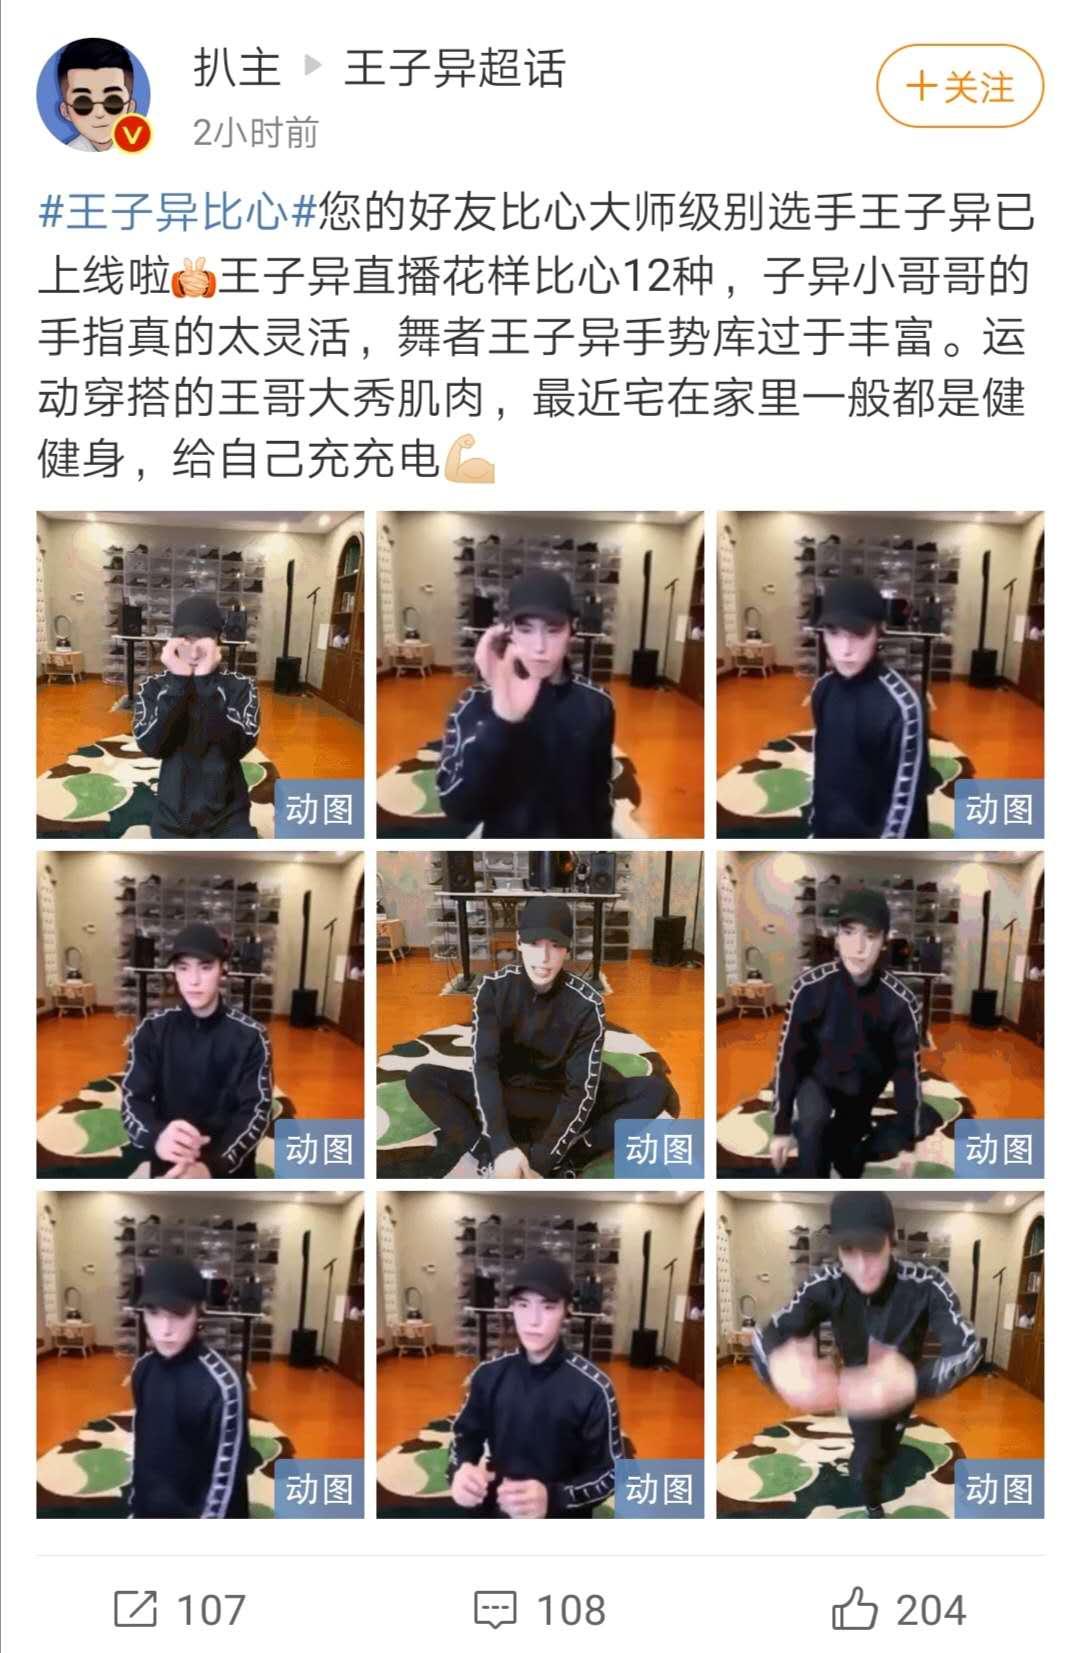 王子異被曝疑撒謊隱瞞韓國行程 不測體溫回家